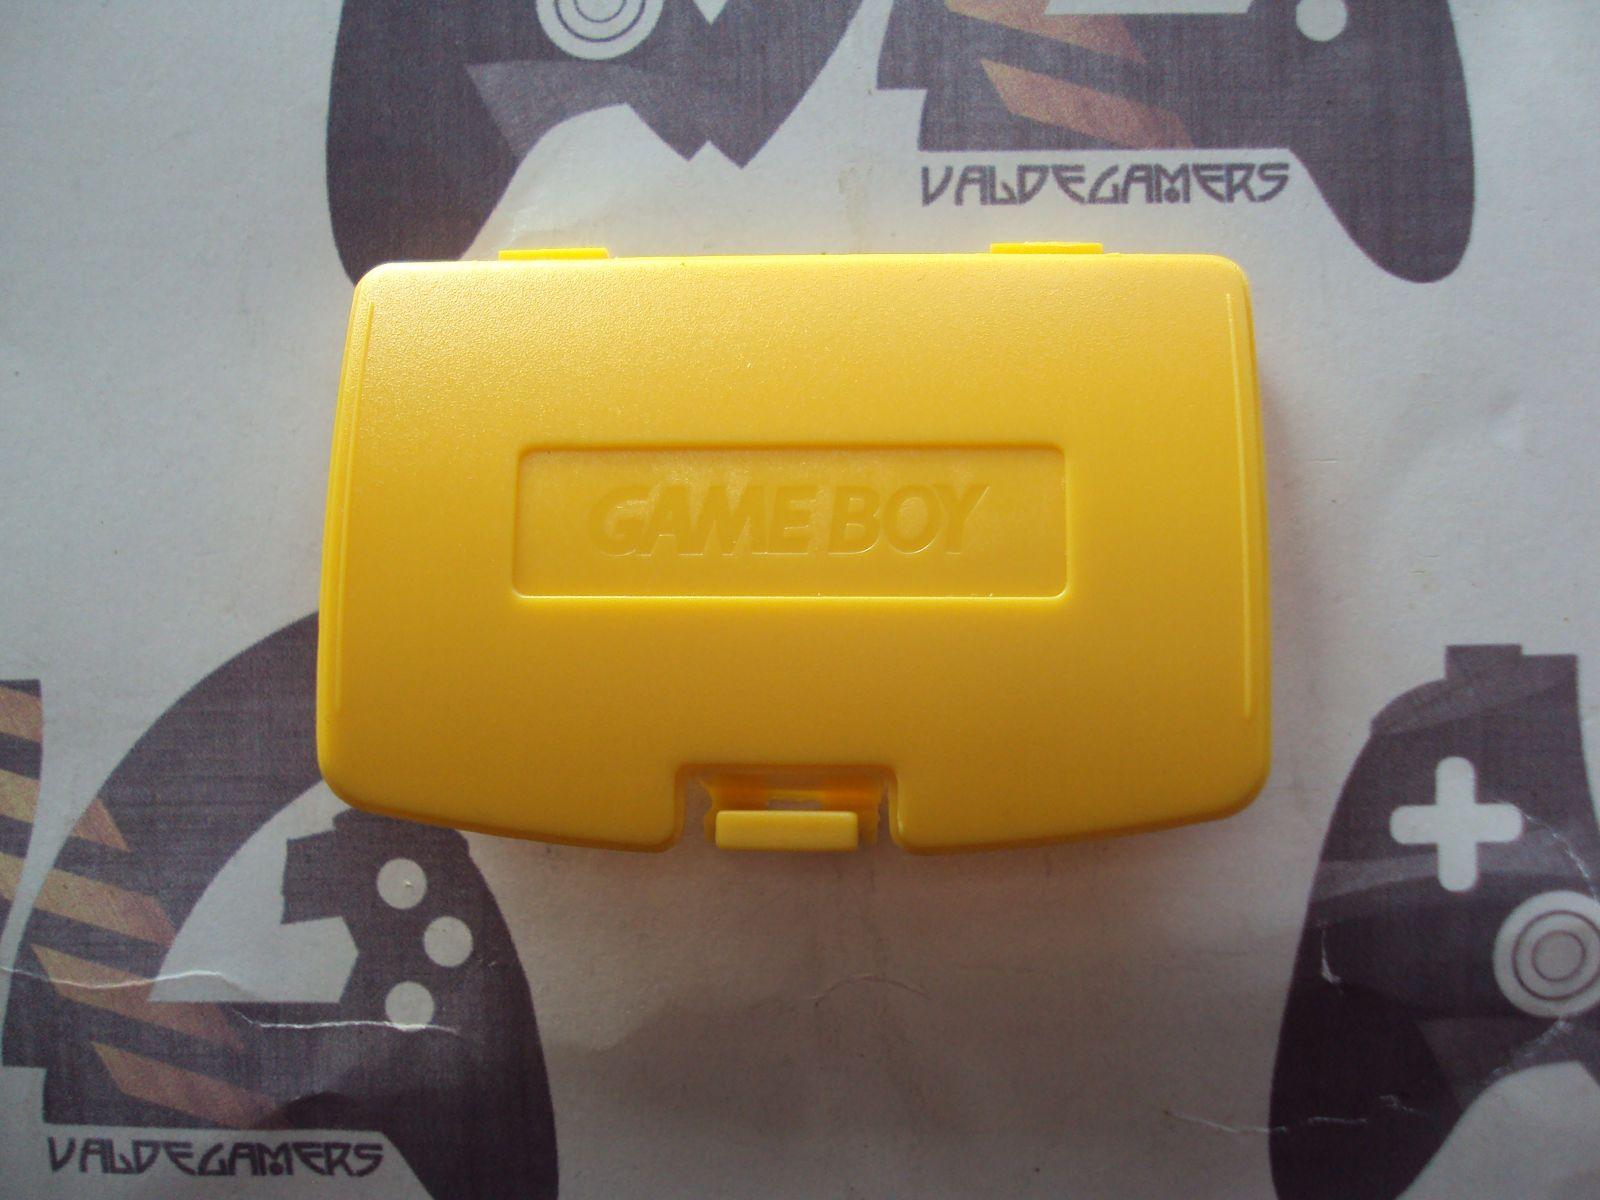 tapa de pilas game game boy color - amarillo